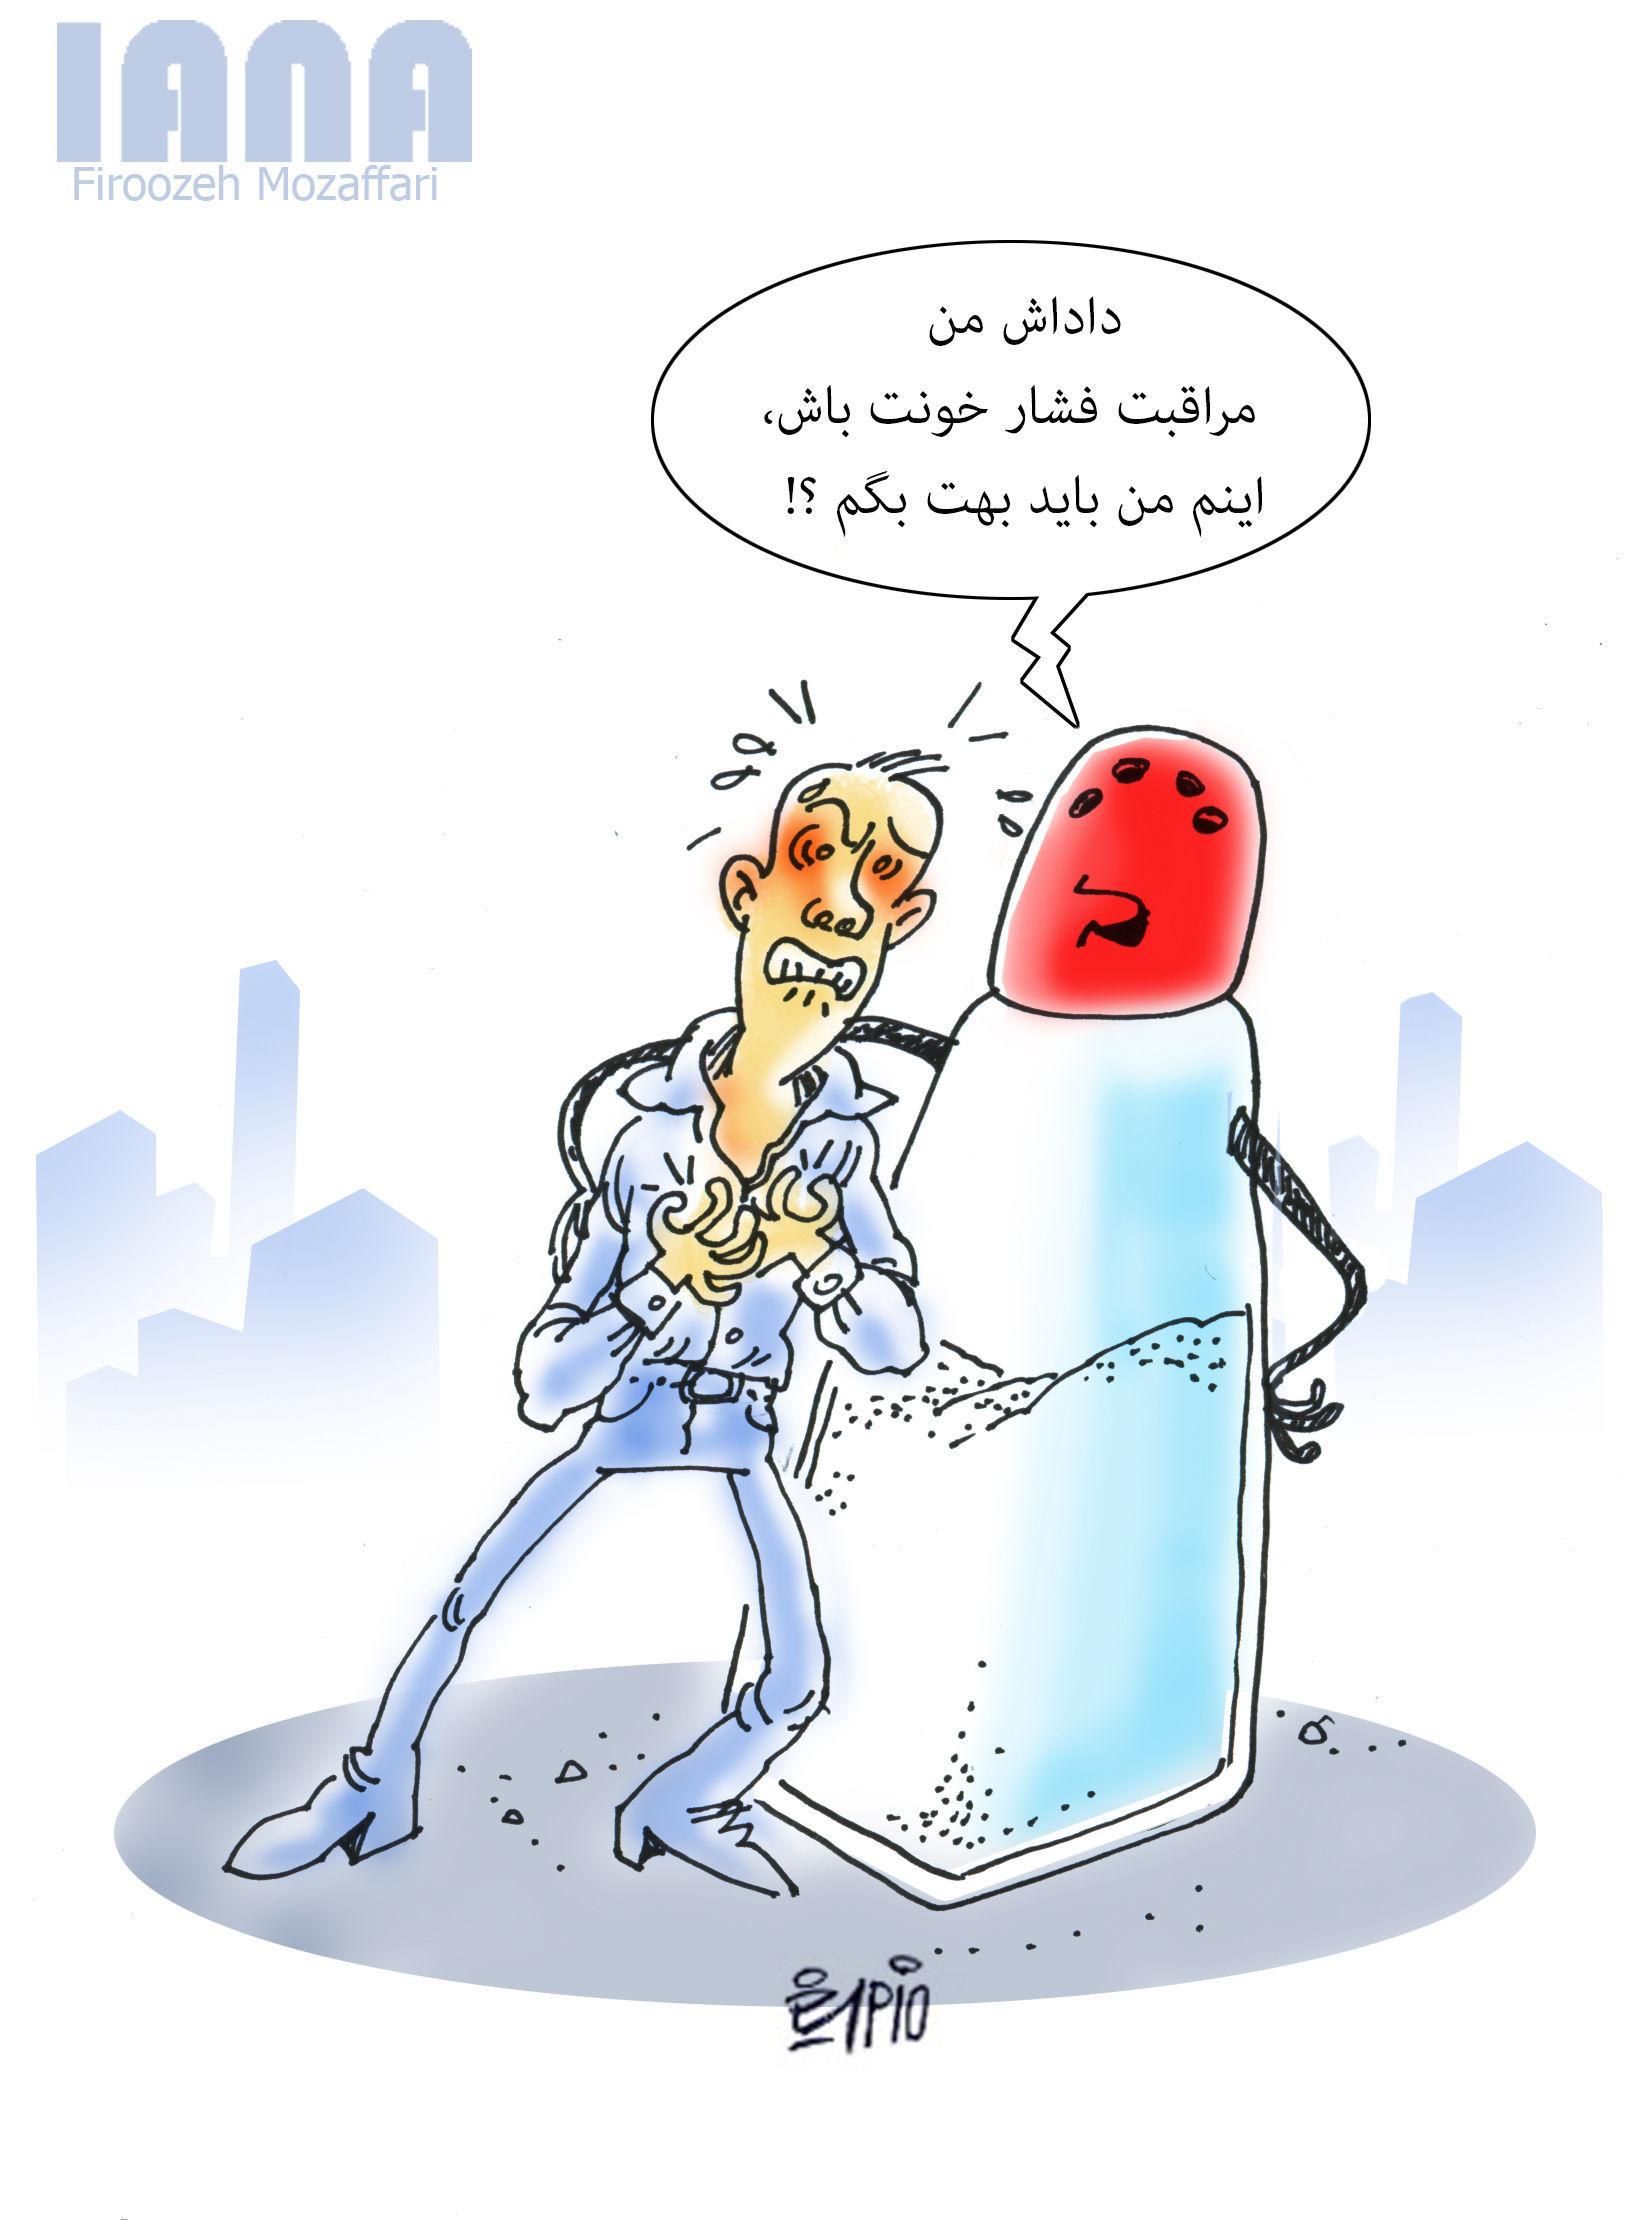 ]نمک عامل اصلی فشار خون - کارتون فیروزه مظفری